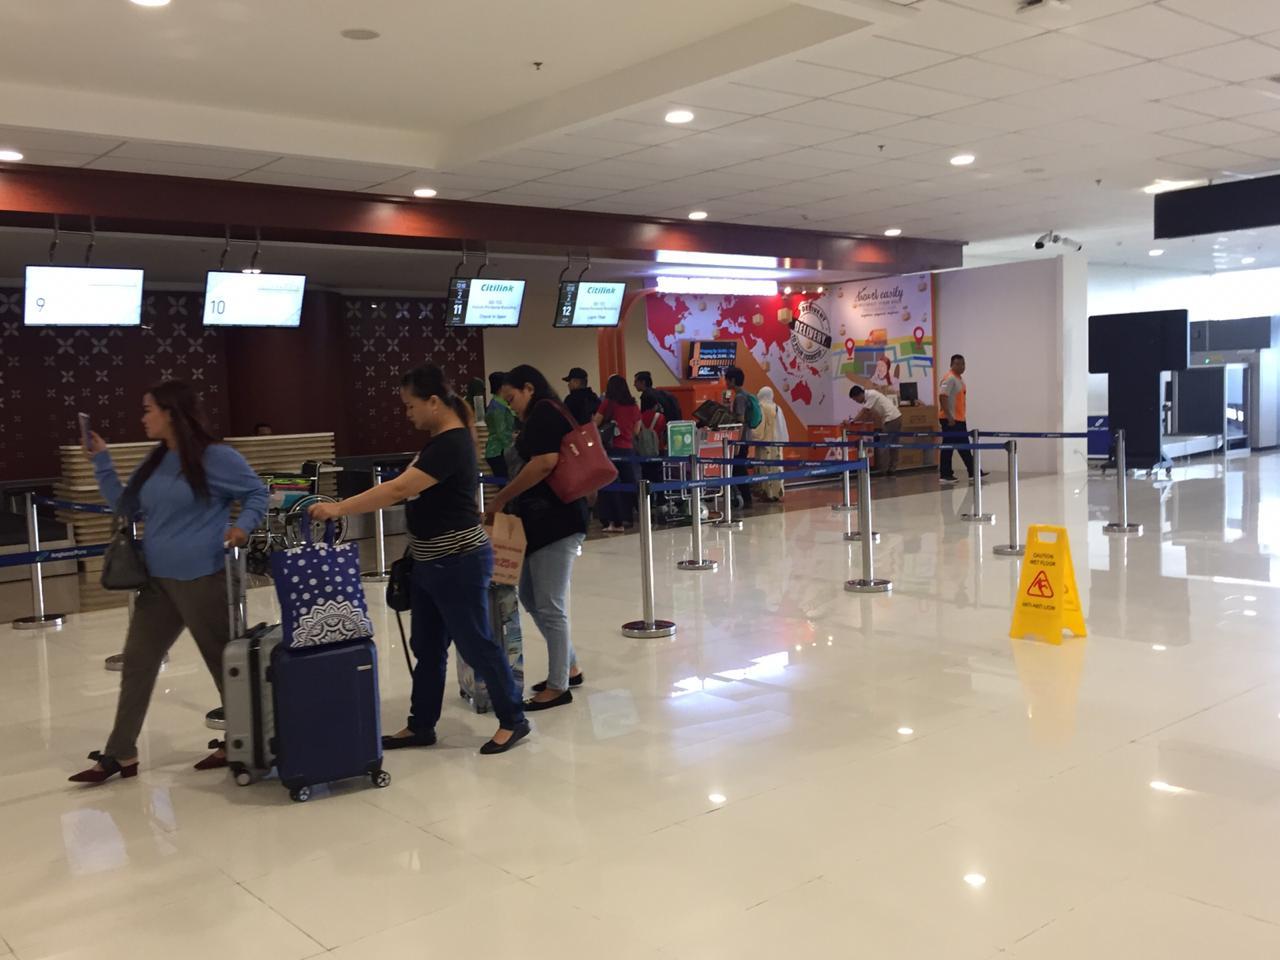 https: img-k.okeinfo.net content 2019 07 05 320 2075015 pembangunan-new-yogyakarta-international-airport-sudah-65-kapan-beroperasinya-IGx5UVnHVP.jpg